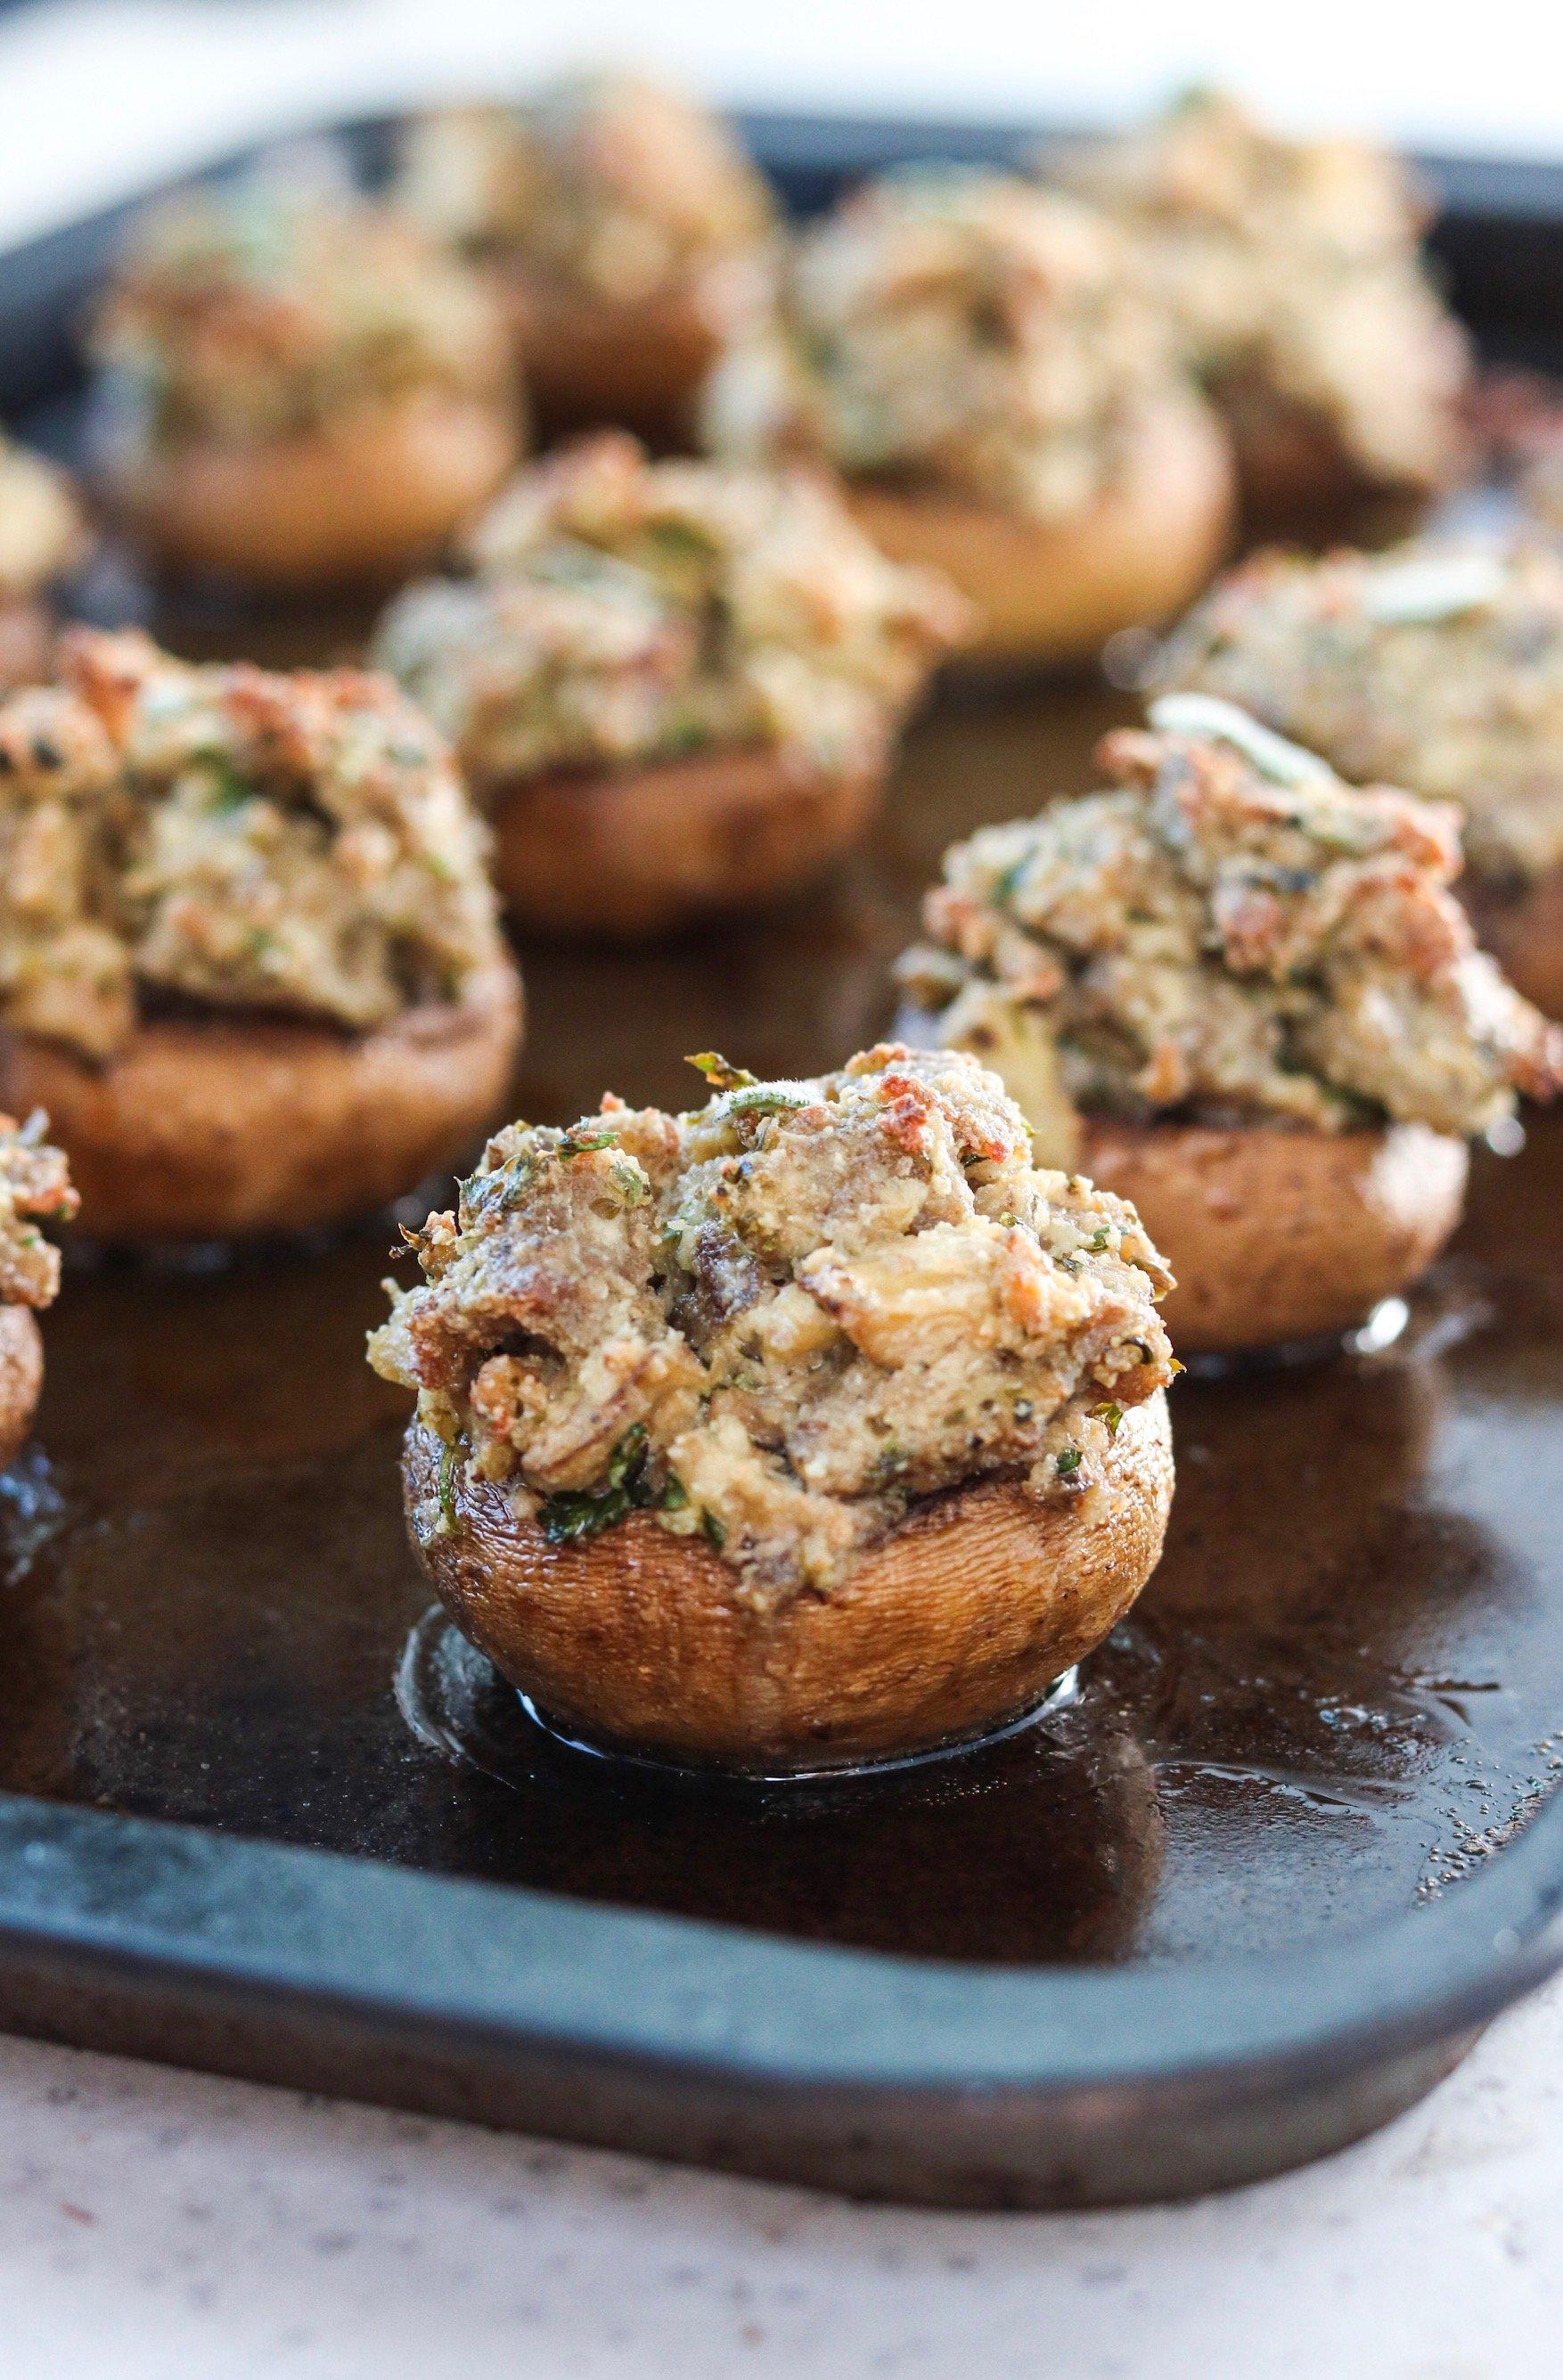 Sausage and Sage Stuffed Mushrooms